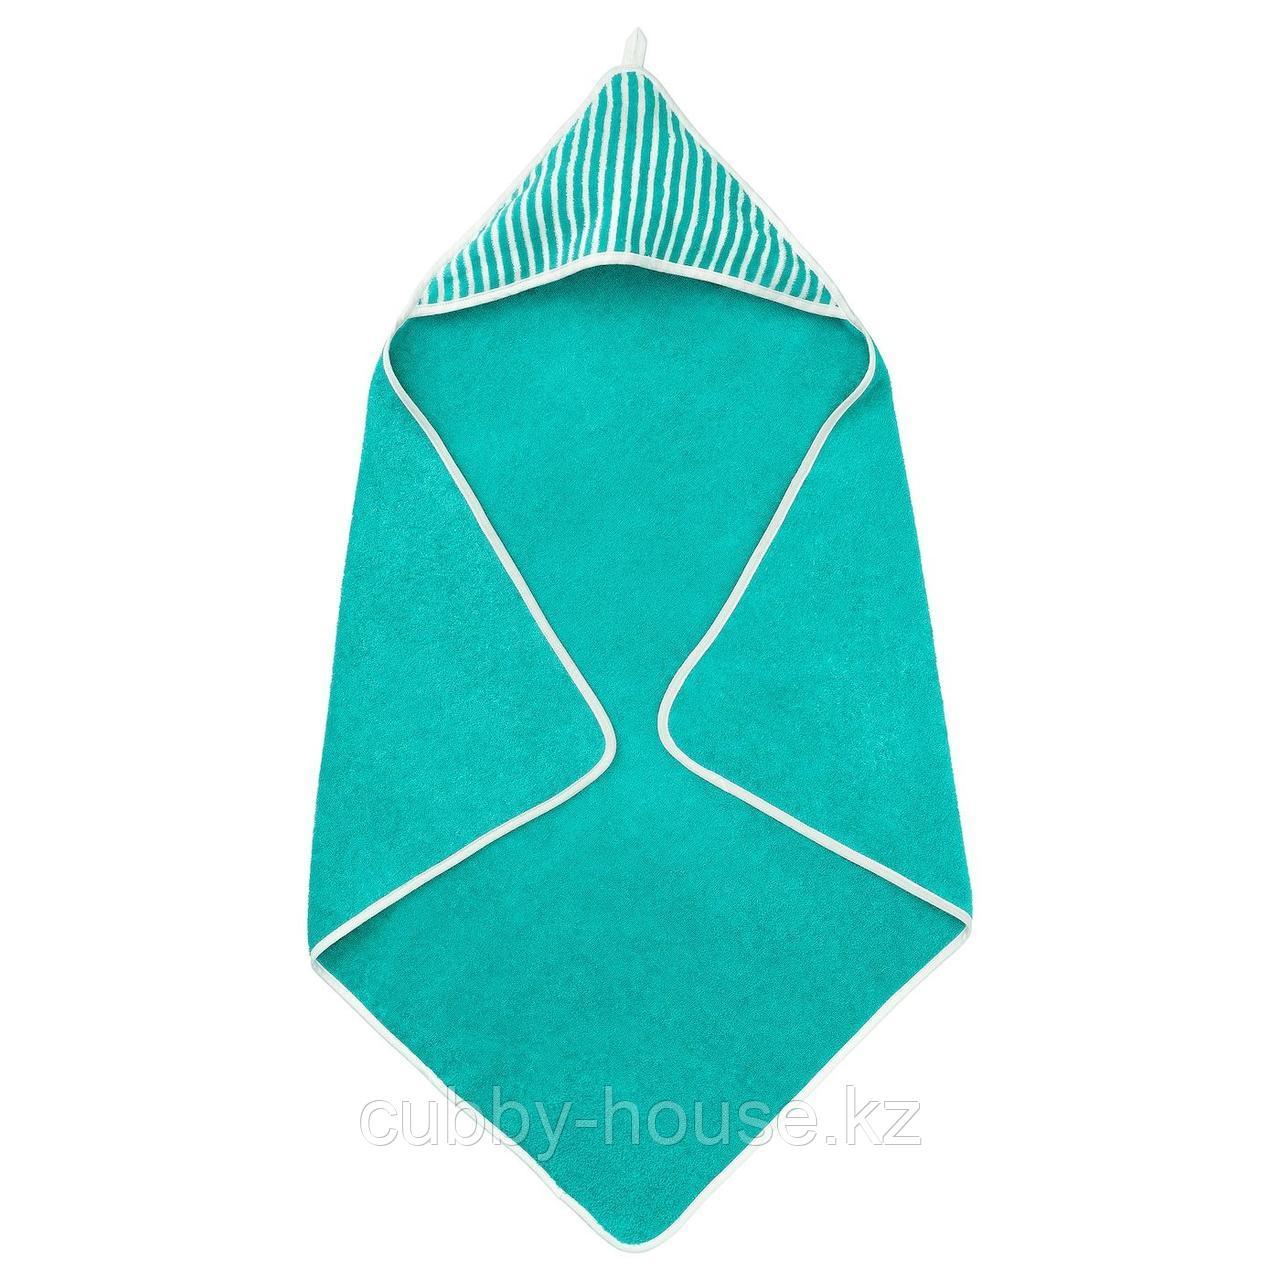 РЁРАНДЕ Полотенце с капюшоном, в полоску, зеленый, 80x80 см